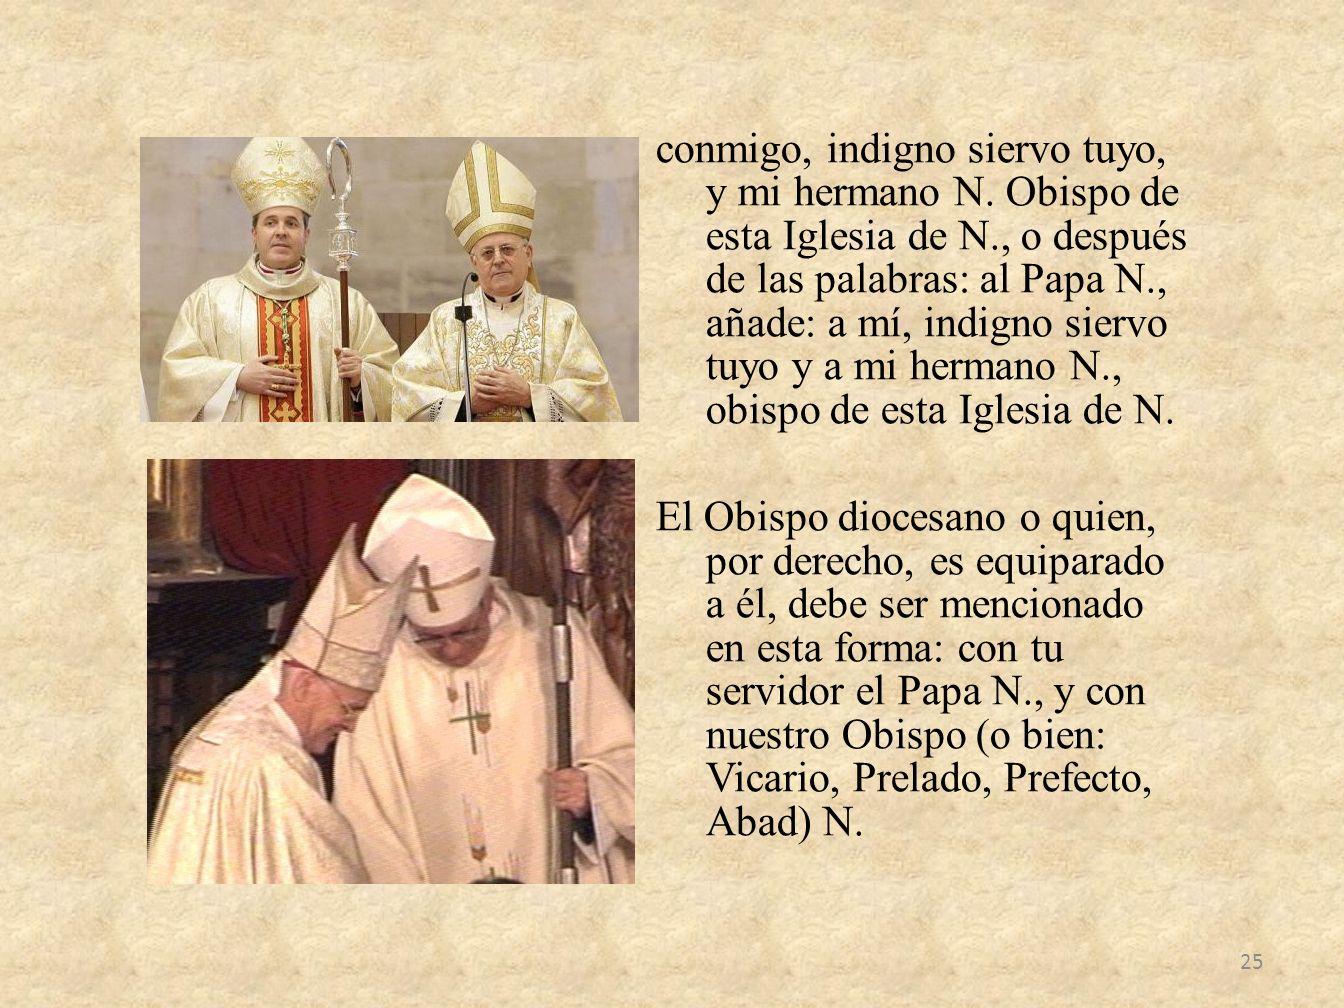 conmigo, indigno siervo tuyo, y mi hermano N. Obispo de esta Iglesia de N., o después de las palabras: al Papa N., añade: a mí, indigno siervo tuyo y